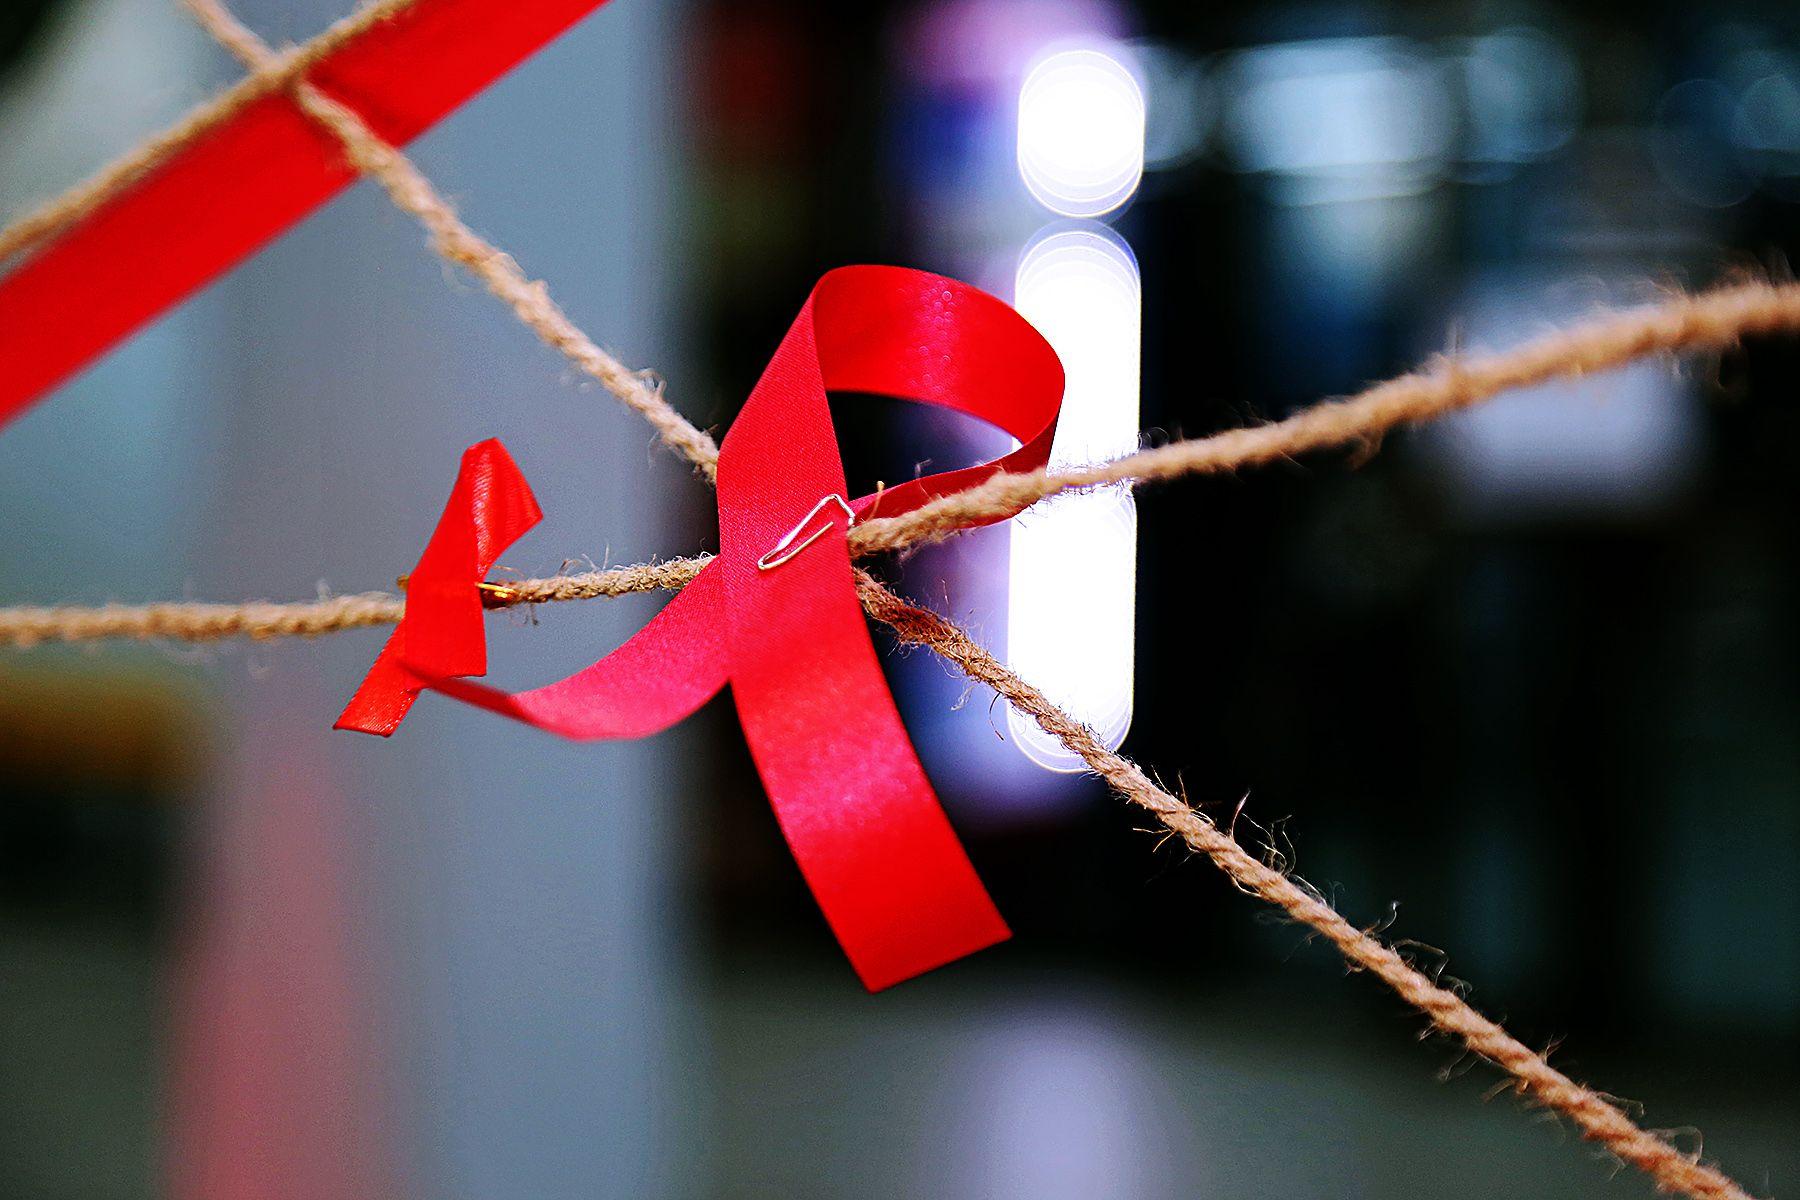 #СТОПВИЧСПИД: во ВГУЭС прошла акция, посвященная Всемирному дню борьбы со СПИДом